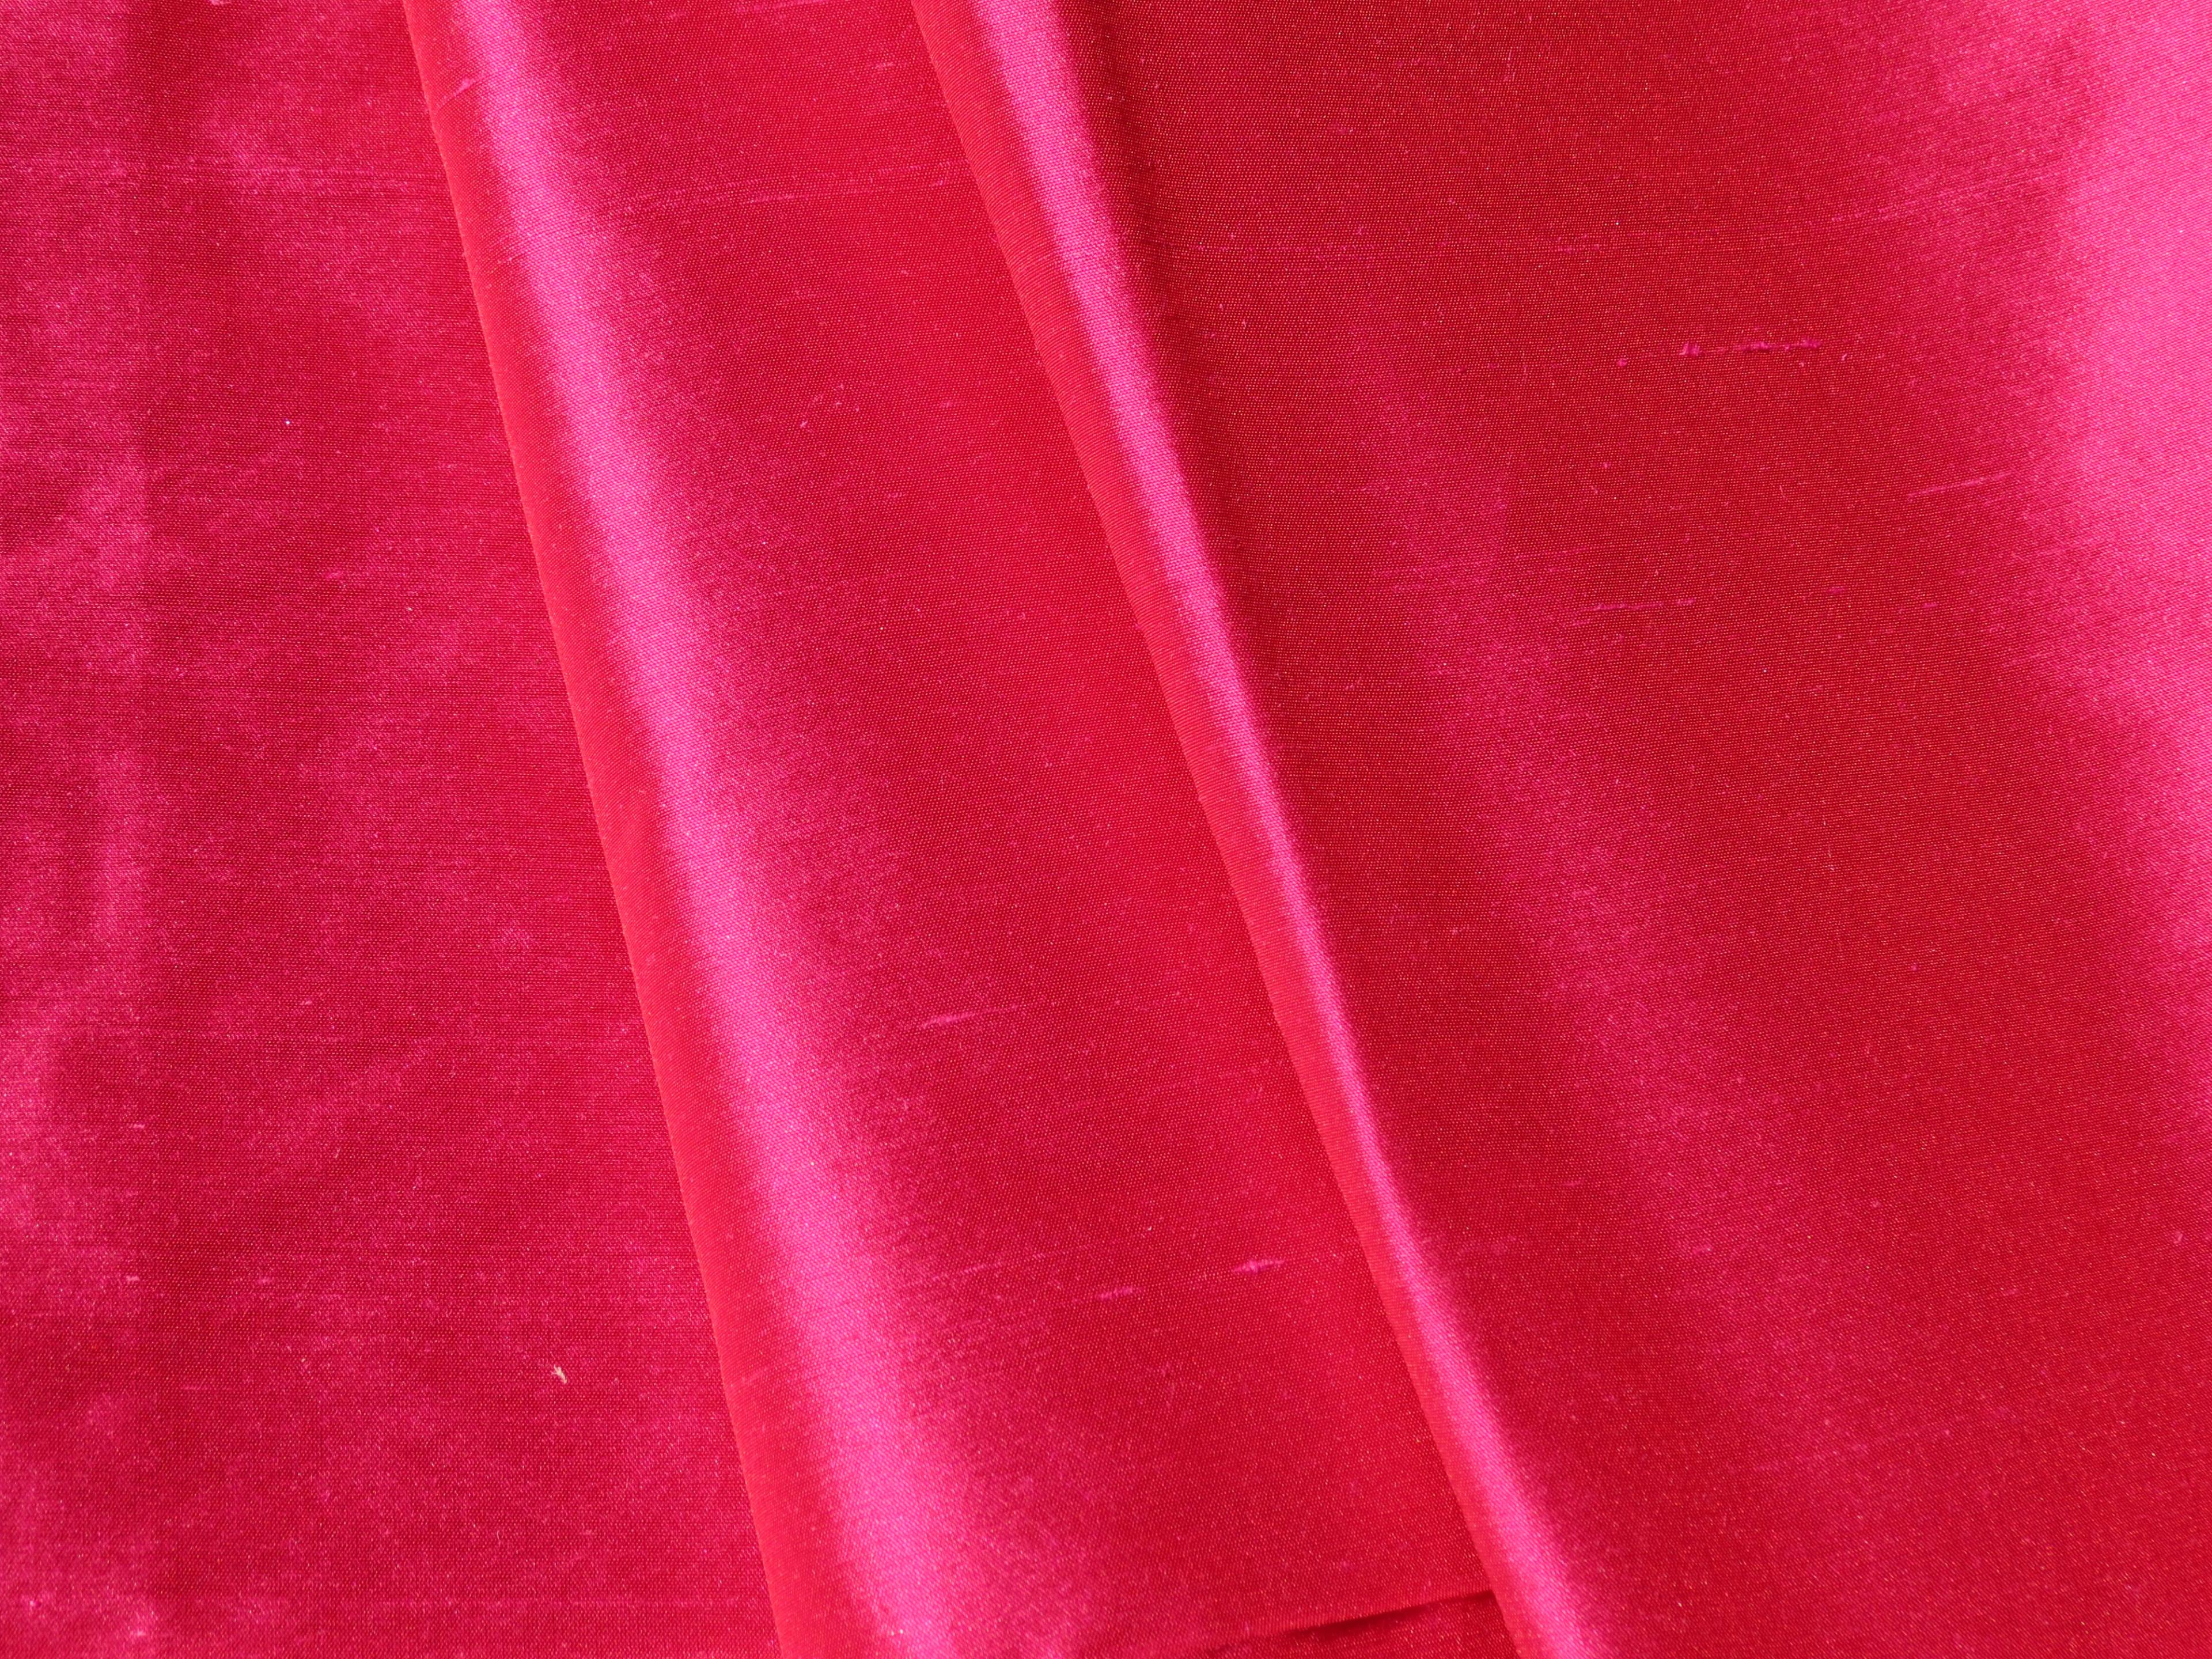 tissu d ameublement soie d ameublement soie pour rideaux soie sauvage rideaux soie tentures. Black Bedroom Furniture Sets. Home Design Ideas